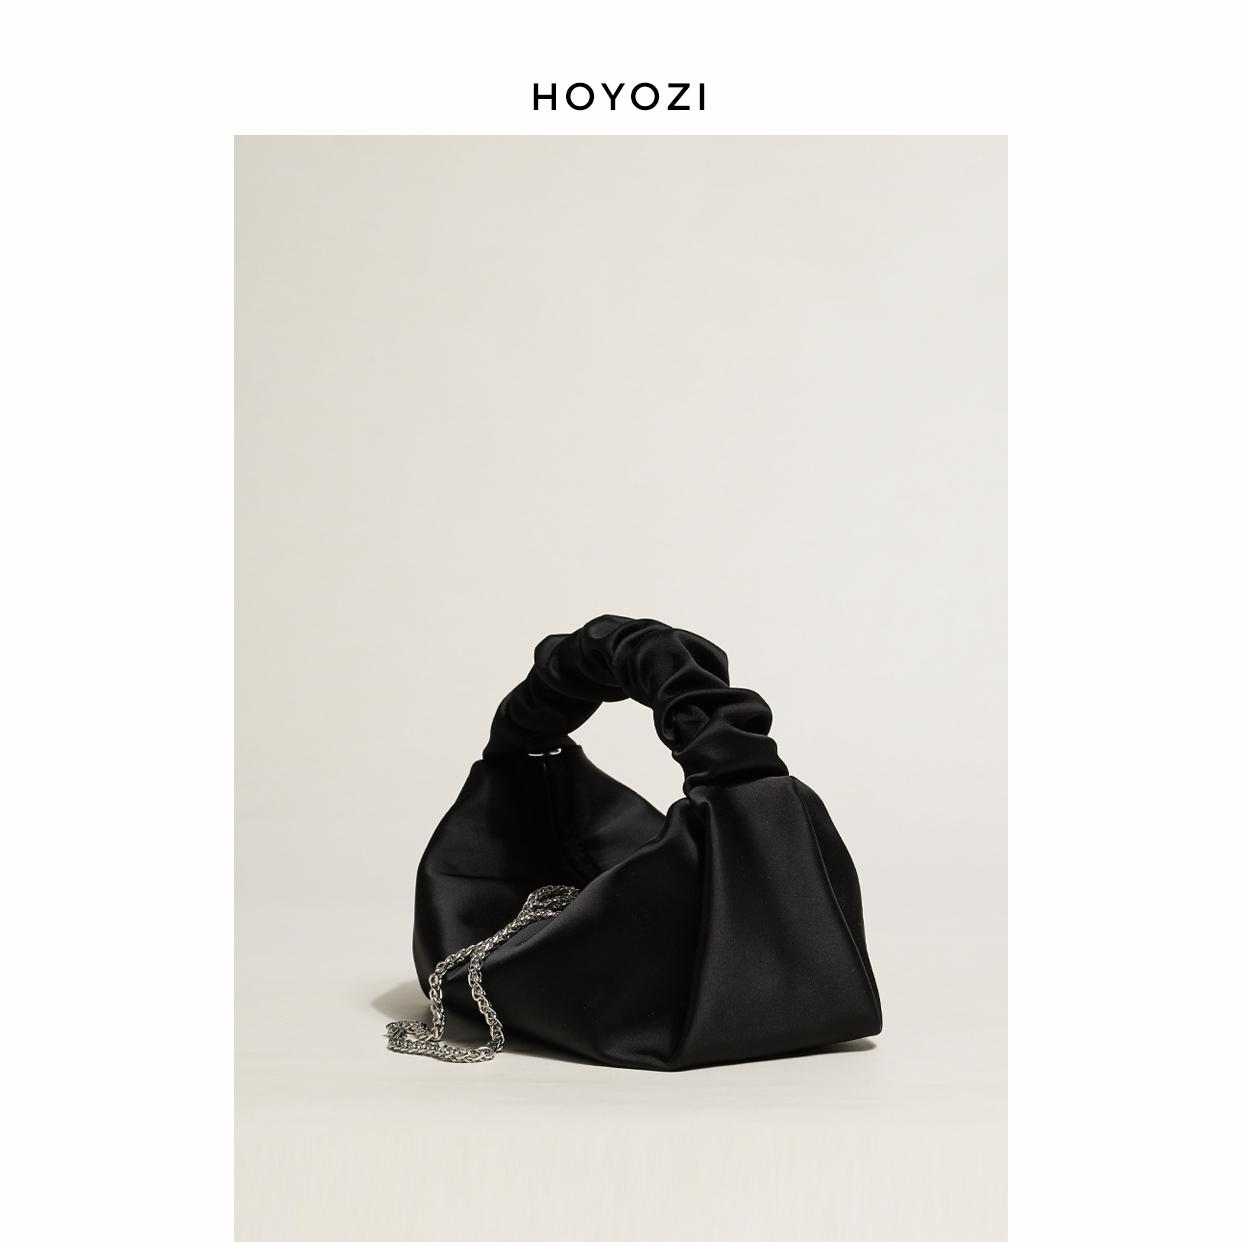 小优家包包 HOYOZI 缎面小黑包包2021新款包包手提包女夏淘宝优惠券